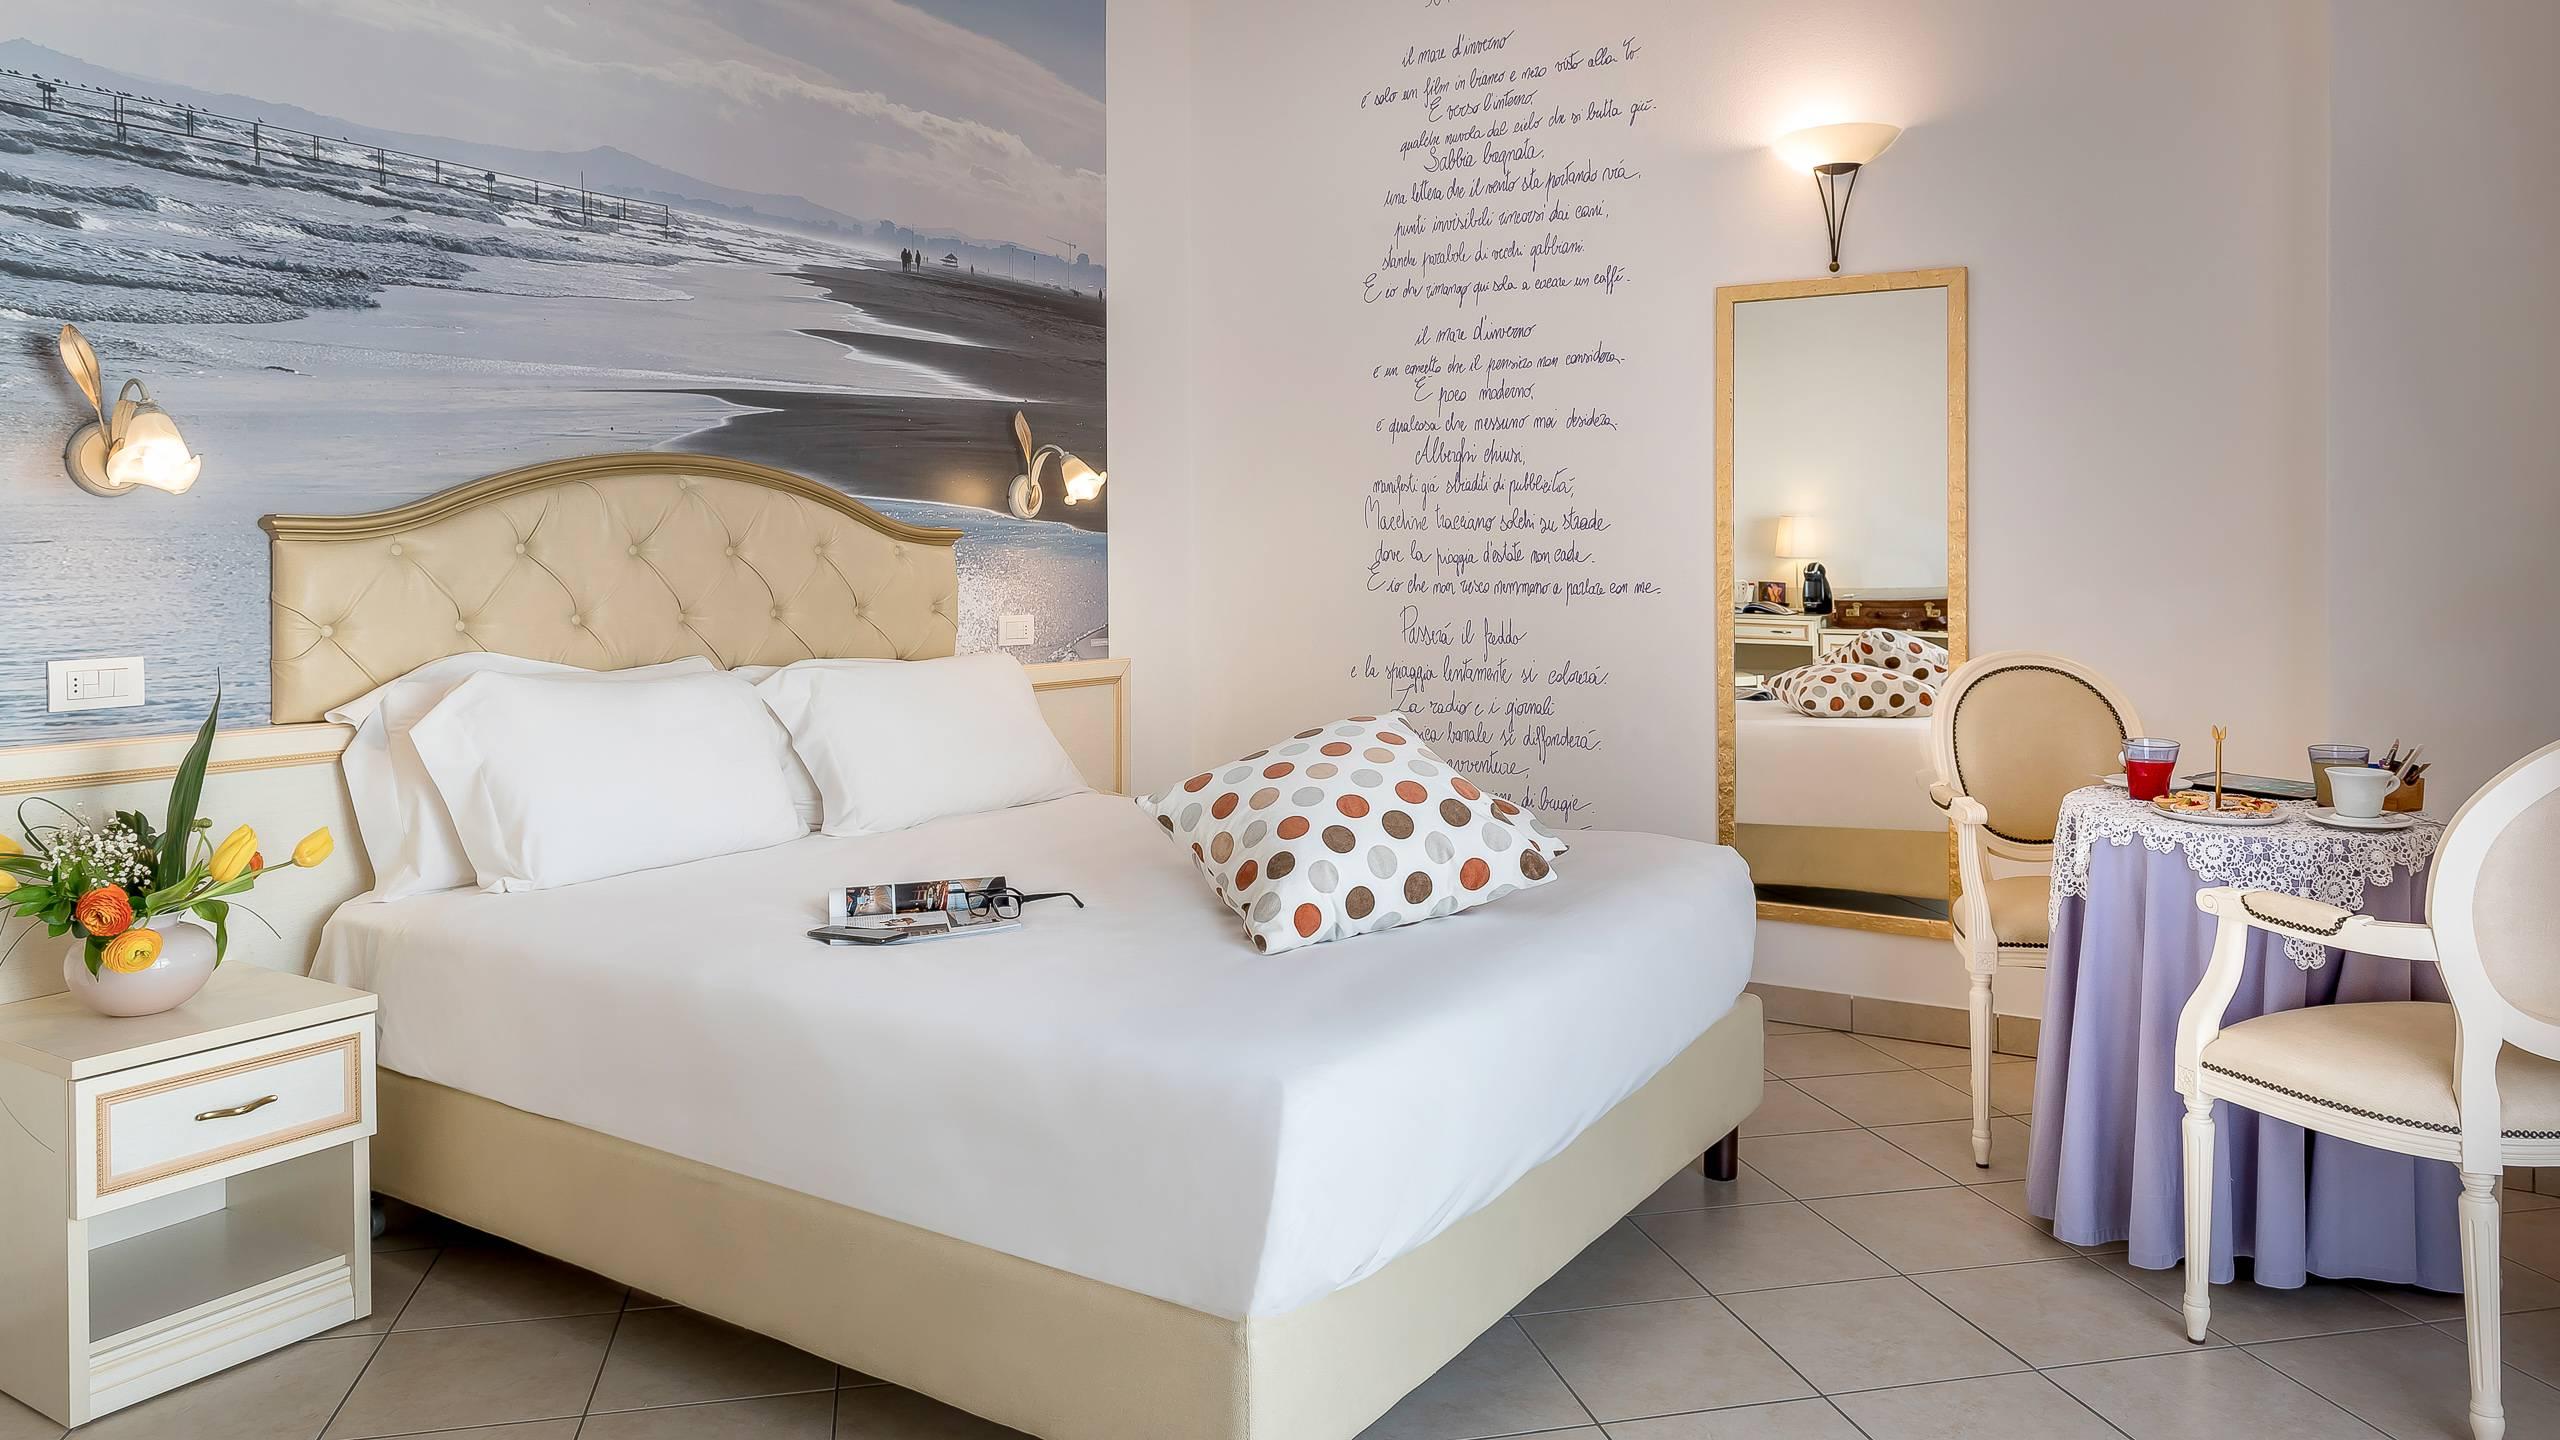 hotel-sovrana-&-spa-rimini-rooms-27-2